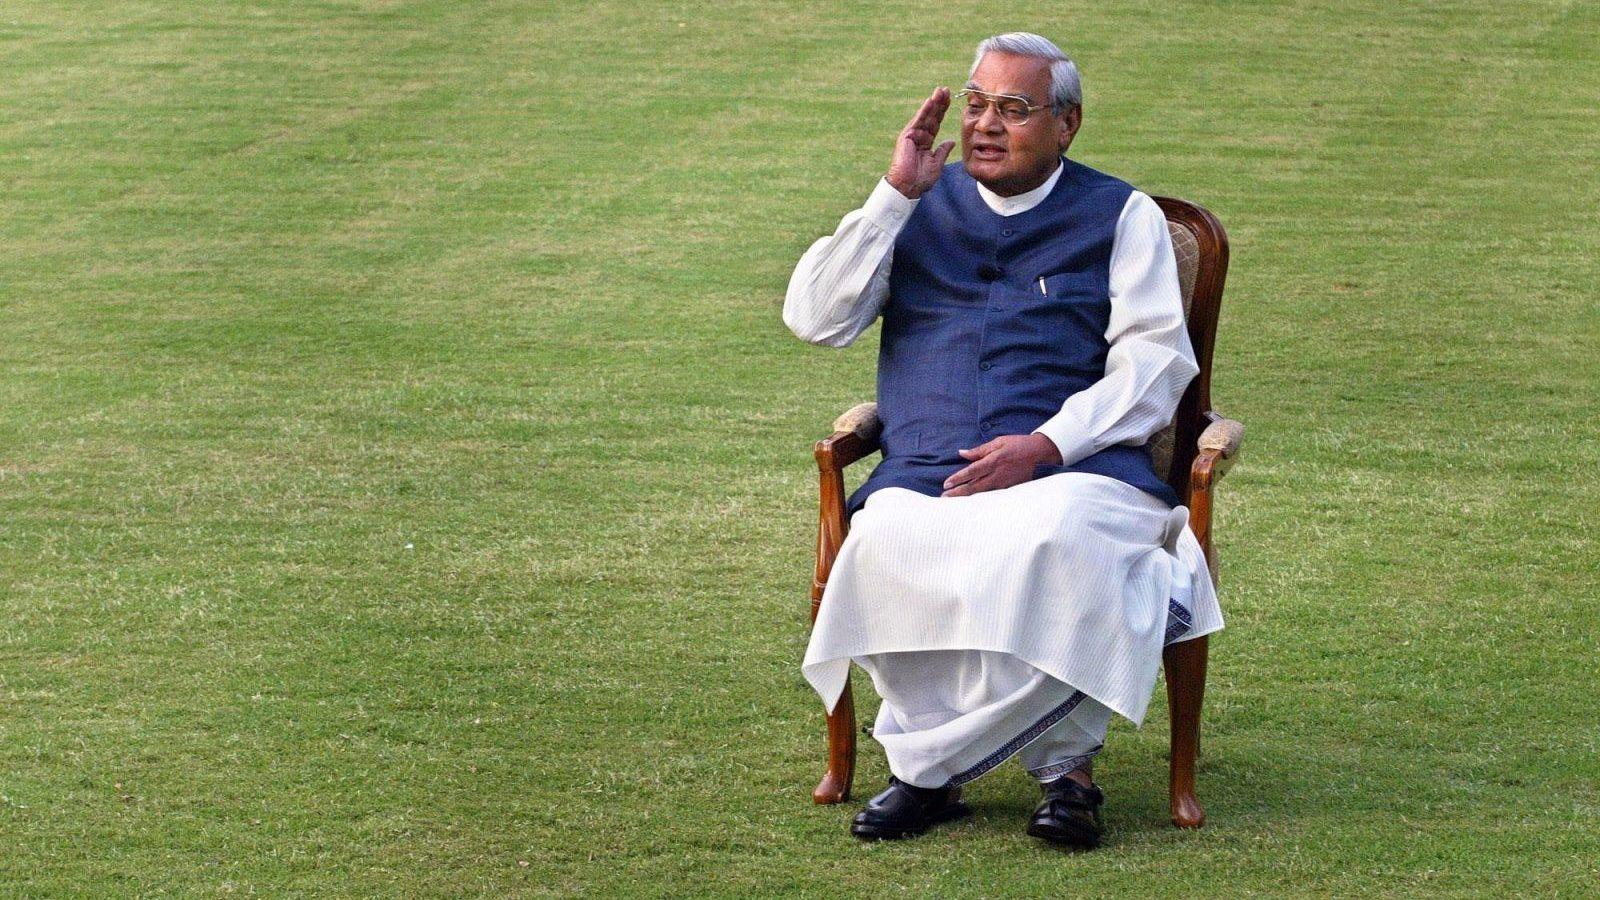 Atal Bihari Vajpayee, India's former prime minister, dies — Quartz India